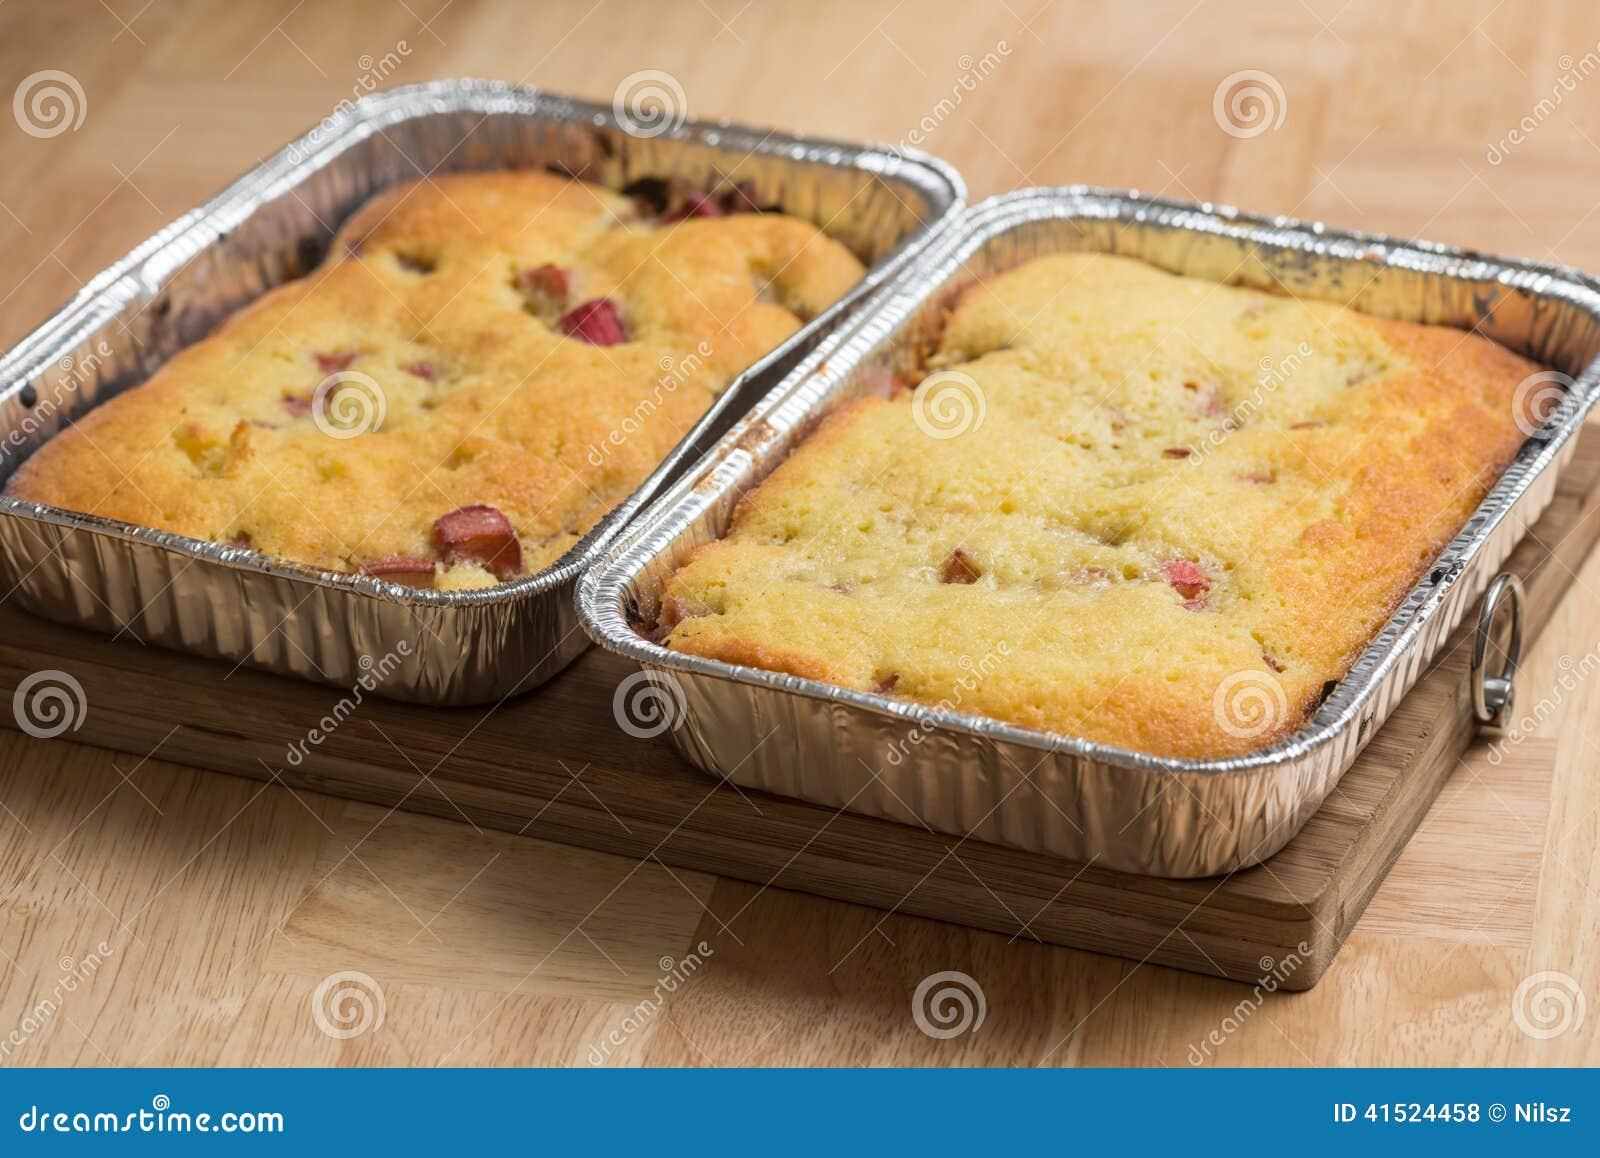 Gegrillter Kuchen Nachtisch Stockfoto Bild Von Feinschmecker